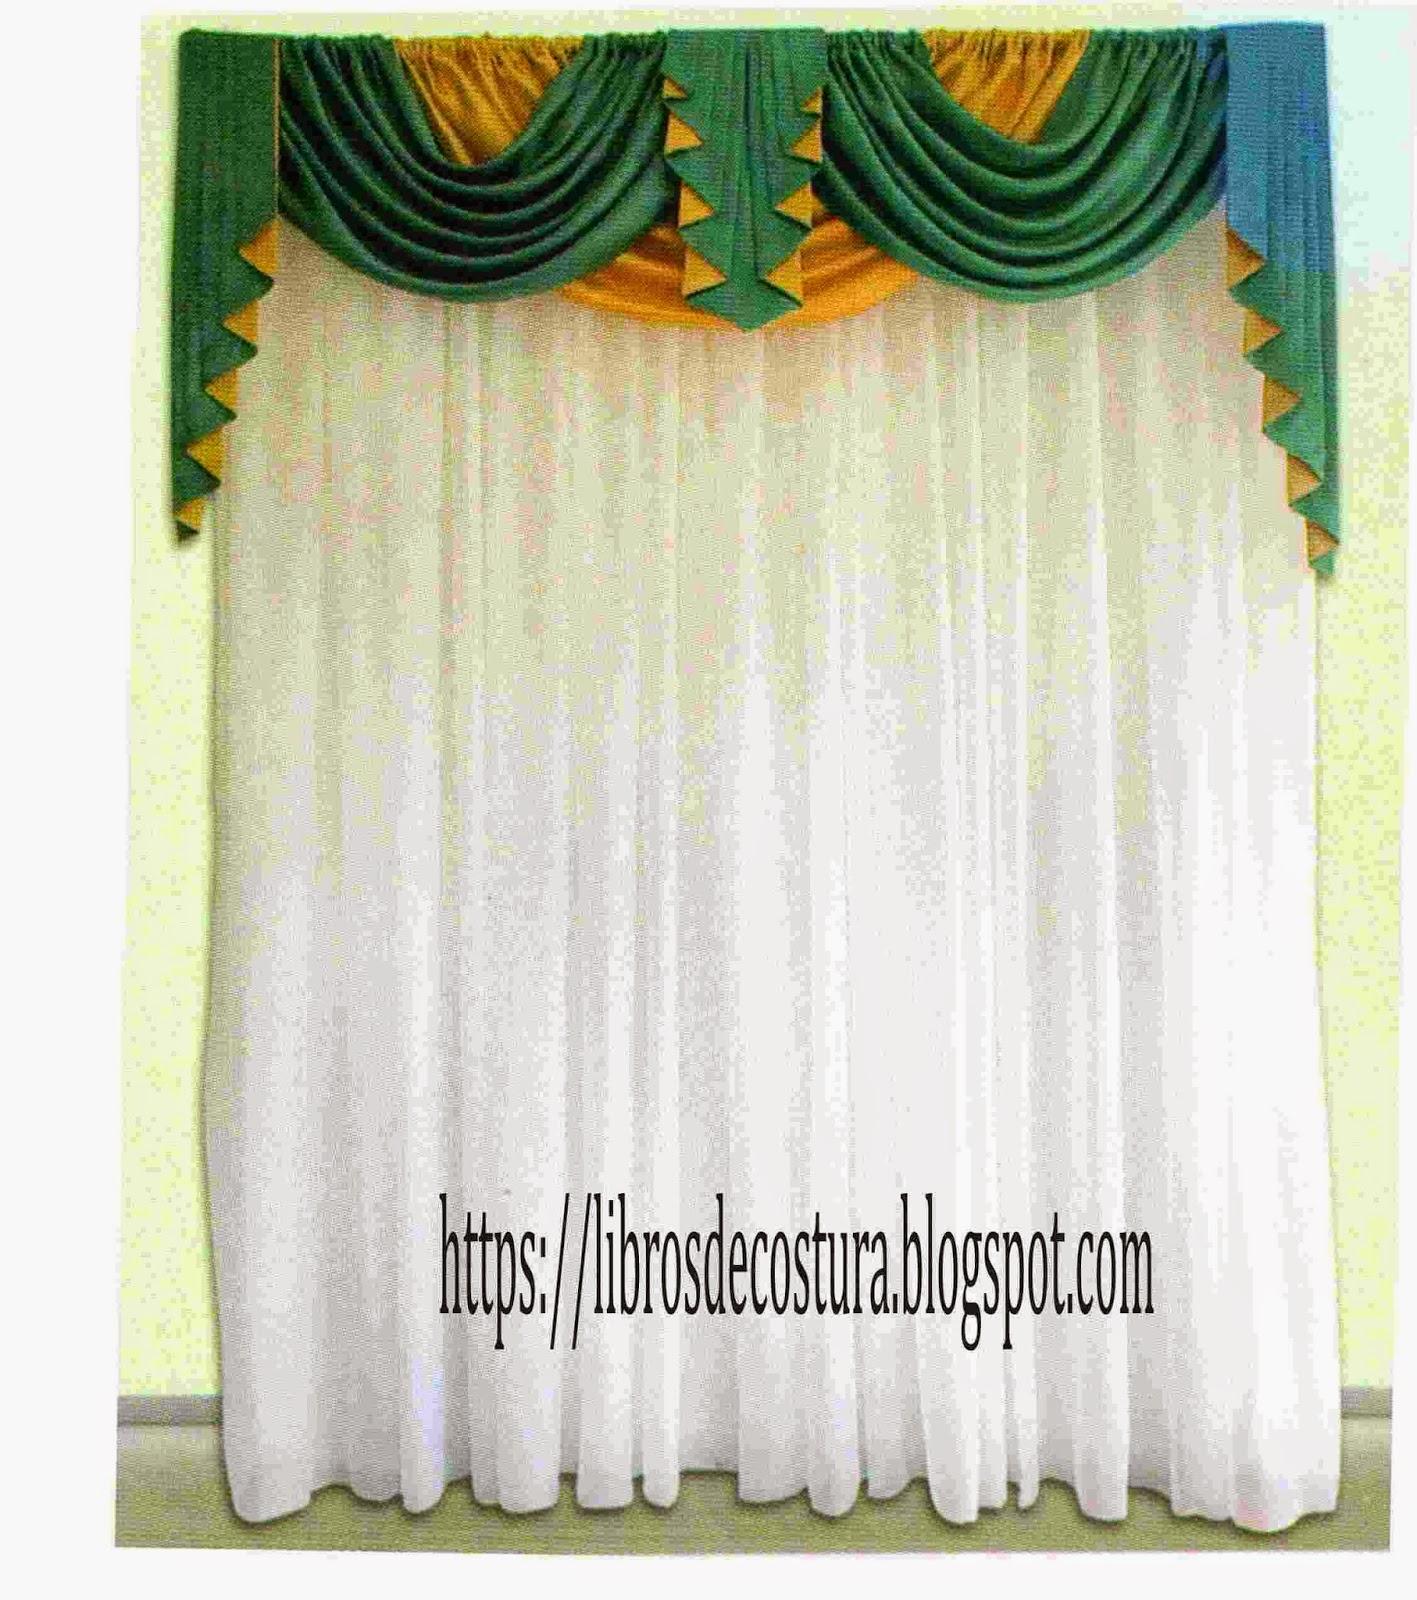 Libros de costura como hacer cortinas paso a paso for Como poner ganchos de cortinas